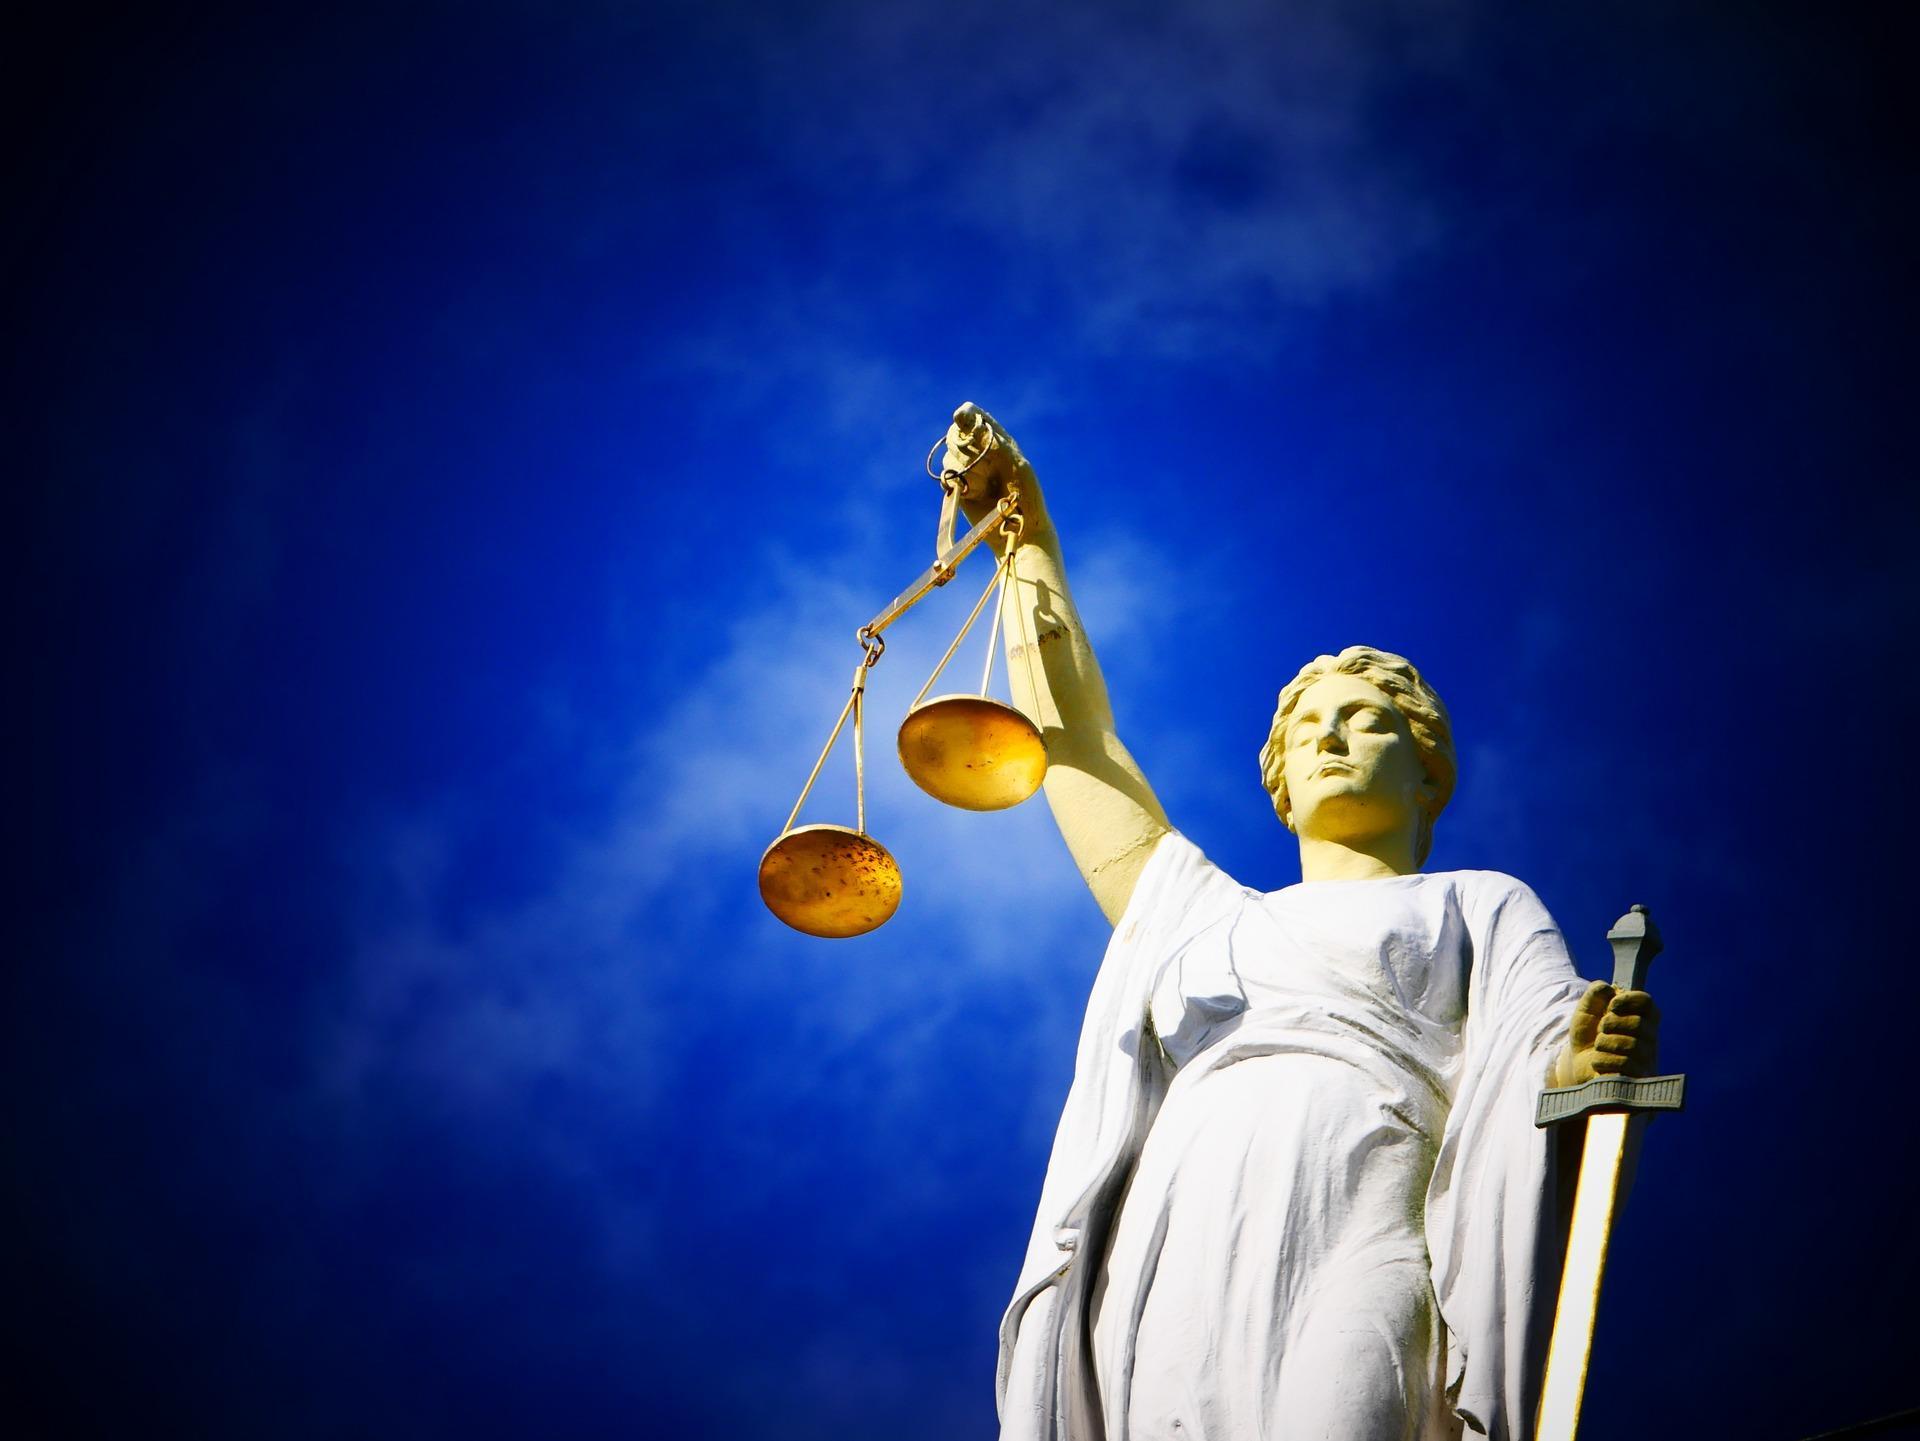 Katwijker en Leidenaar alsnog veroordeeld voor ontvoering en doodslag van man uit Leiden. Ze waren vrijgesproken